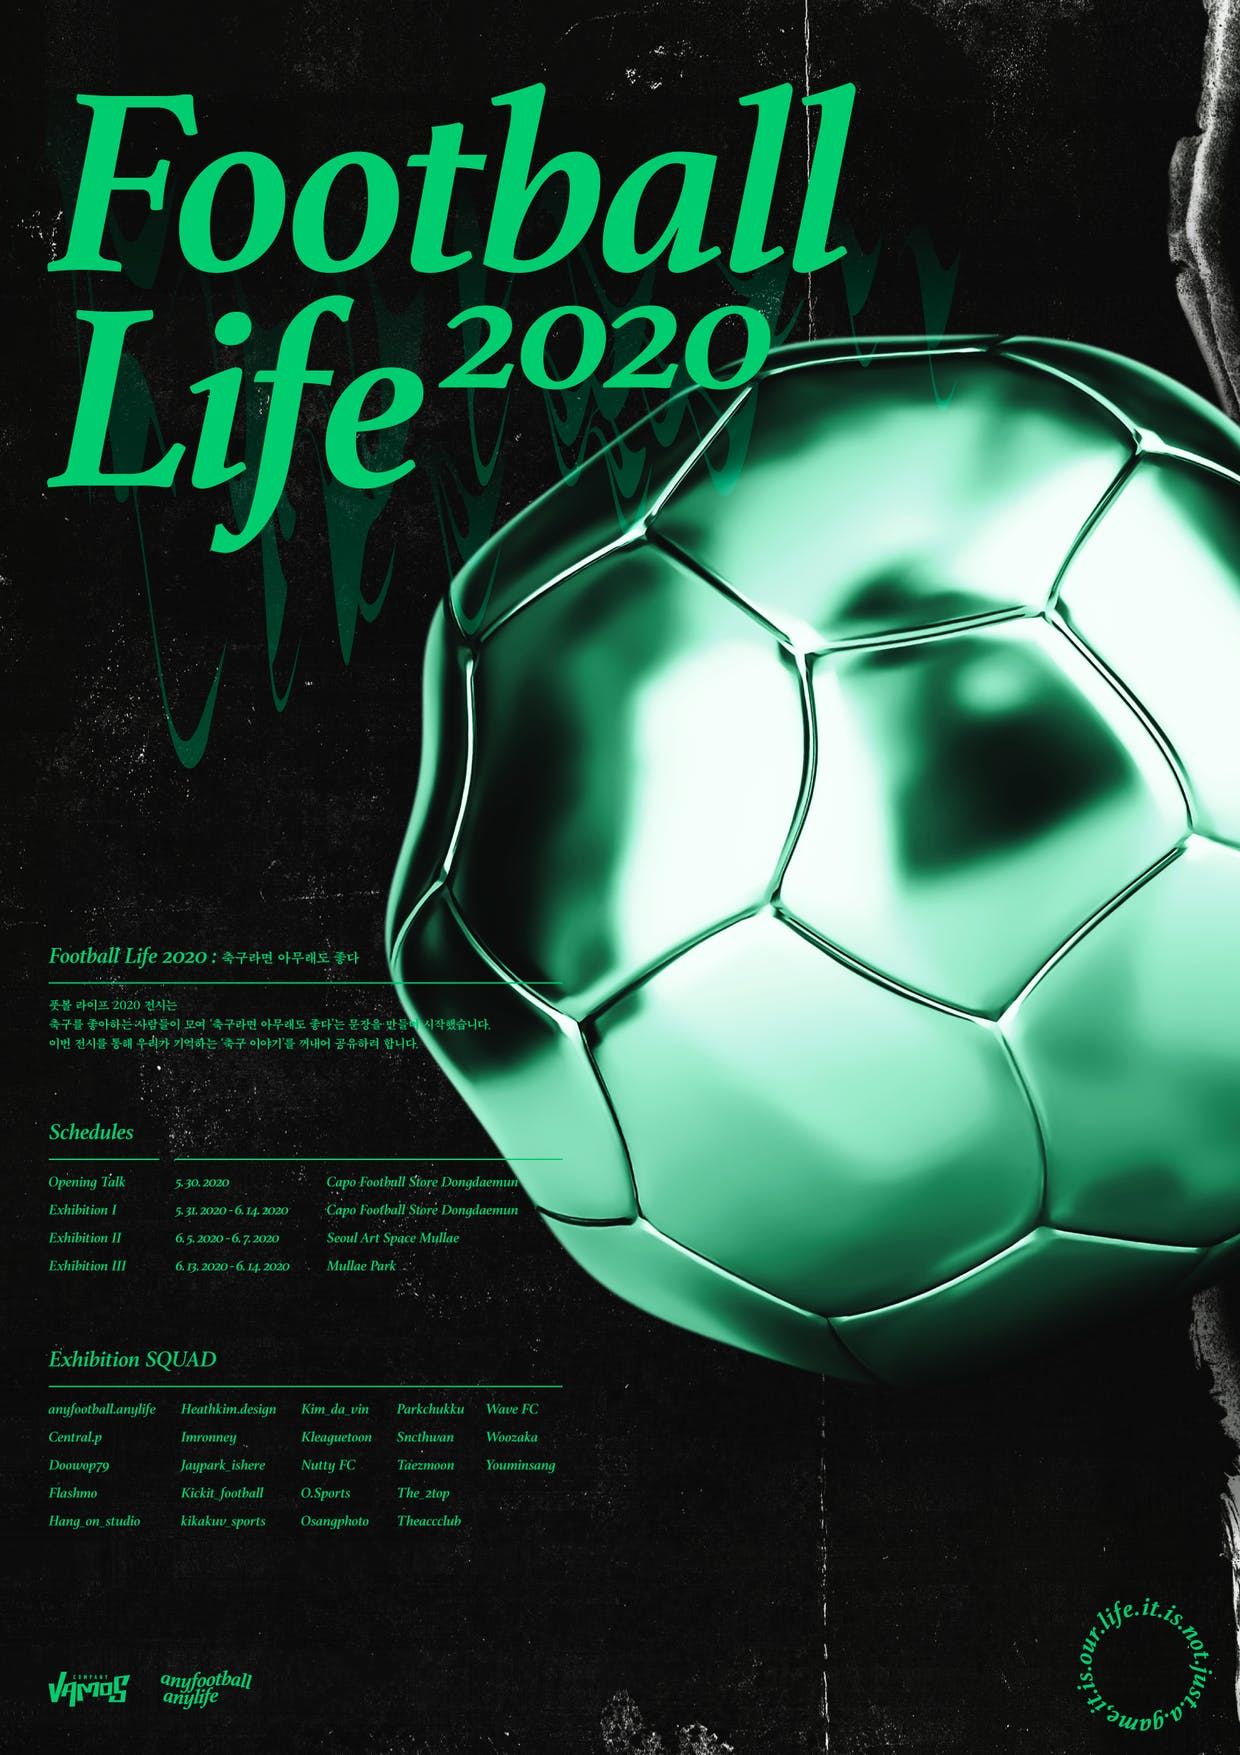 축구팬들을 위한 전시 'FOOTBALL LIFE 2020' 개최...크라우드 펀딩 진행